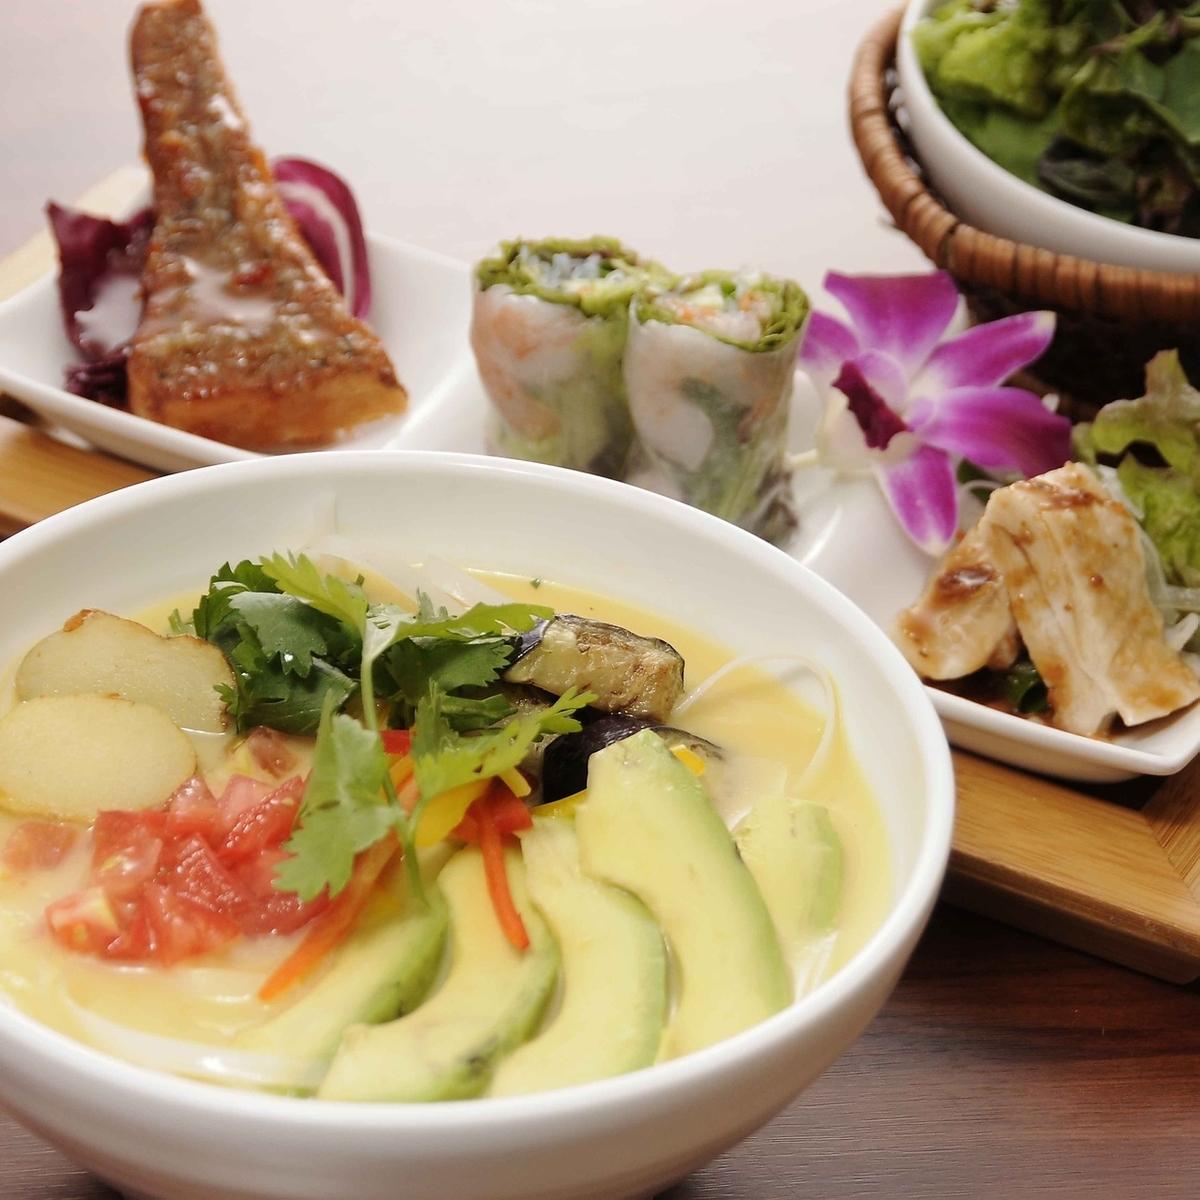 亚洲美食【木瓜礁】第一次在关西完全满意!